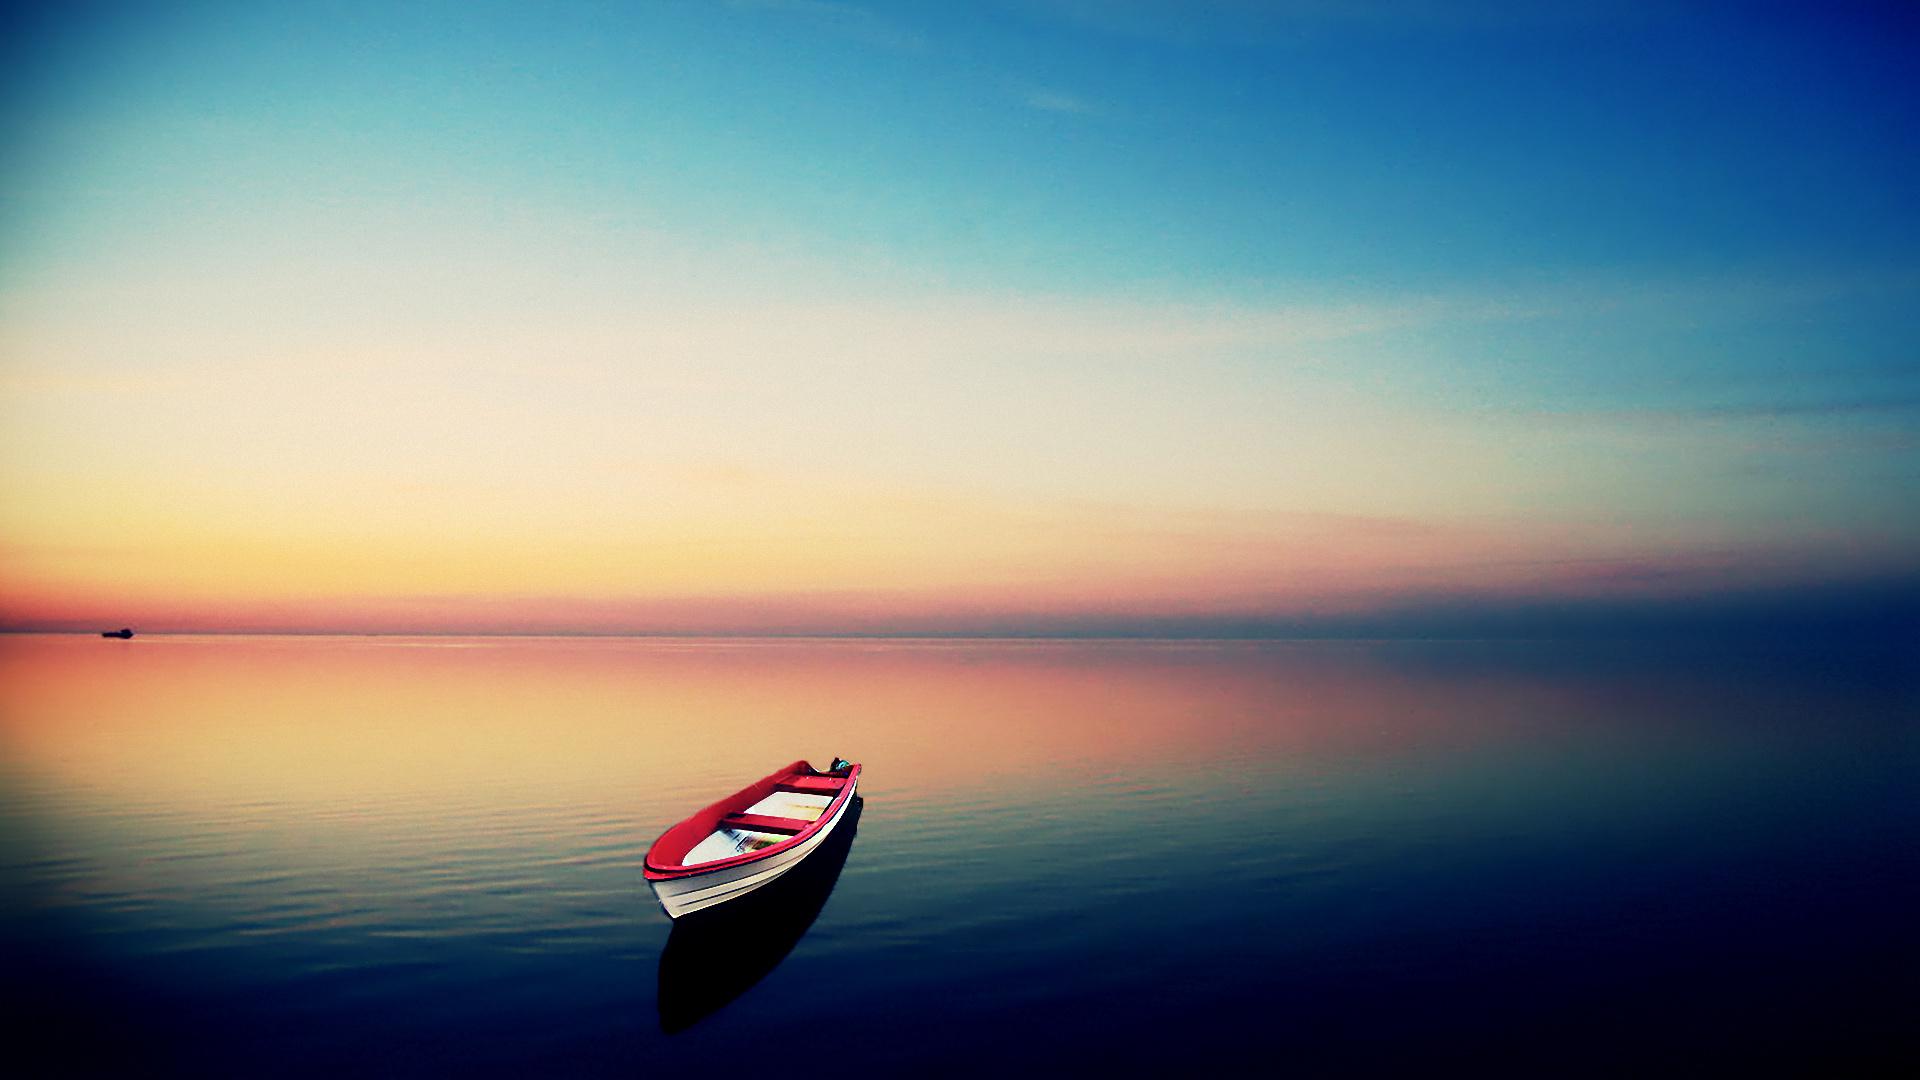 лодка вечер закат озеро на телефон